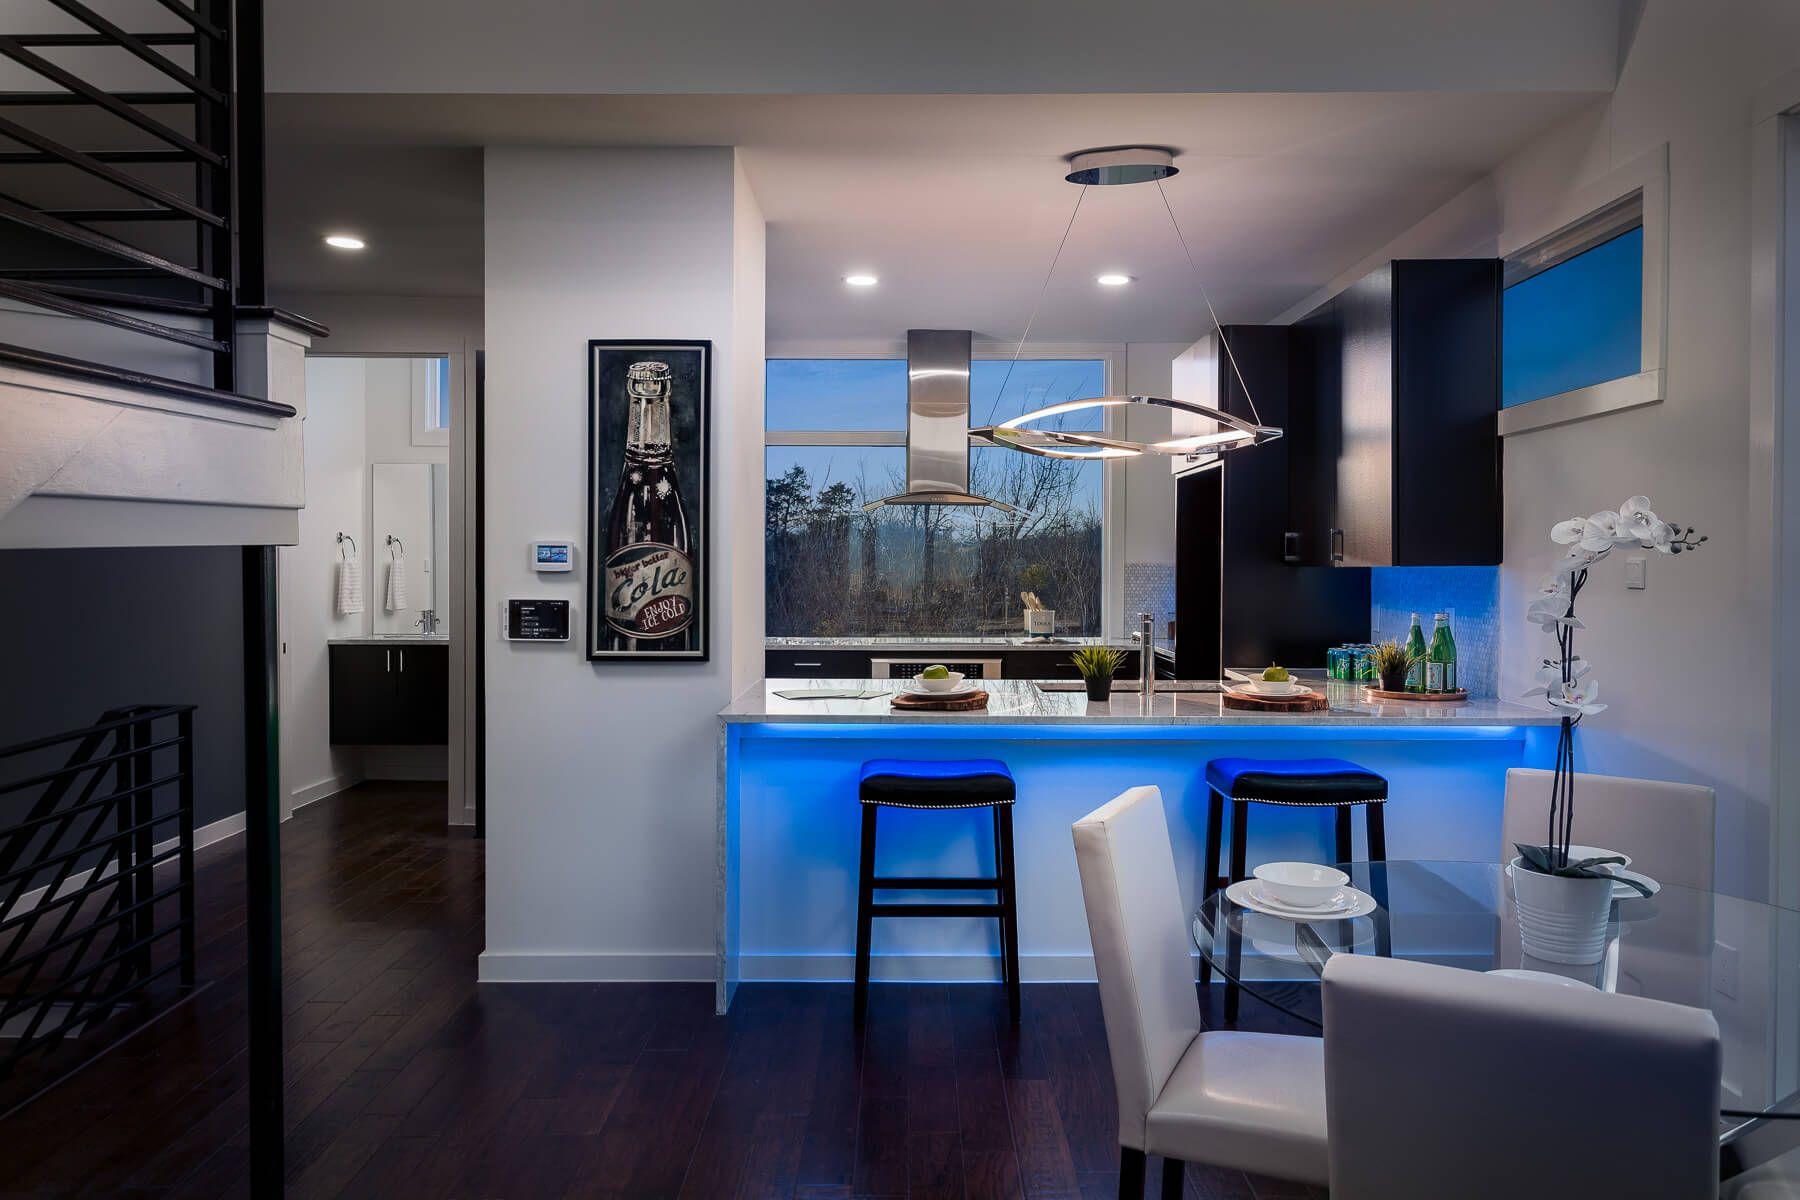 Lichtsteuerung Mit Loxone Atemberaubende Beleuchtung Luxus Kuche Design Kuchen Inspiration Smart Kitchen